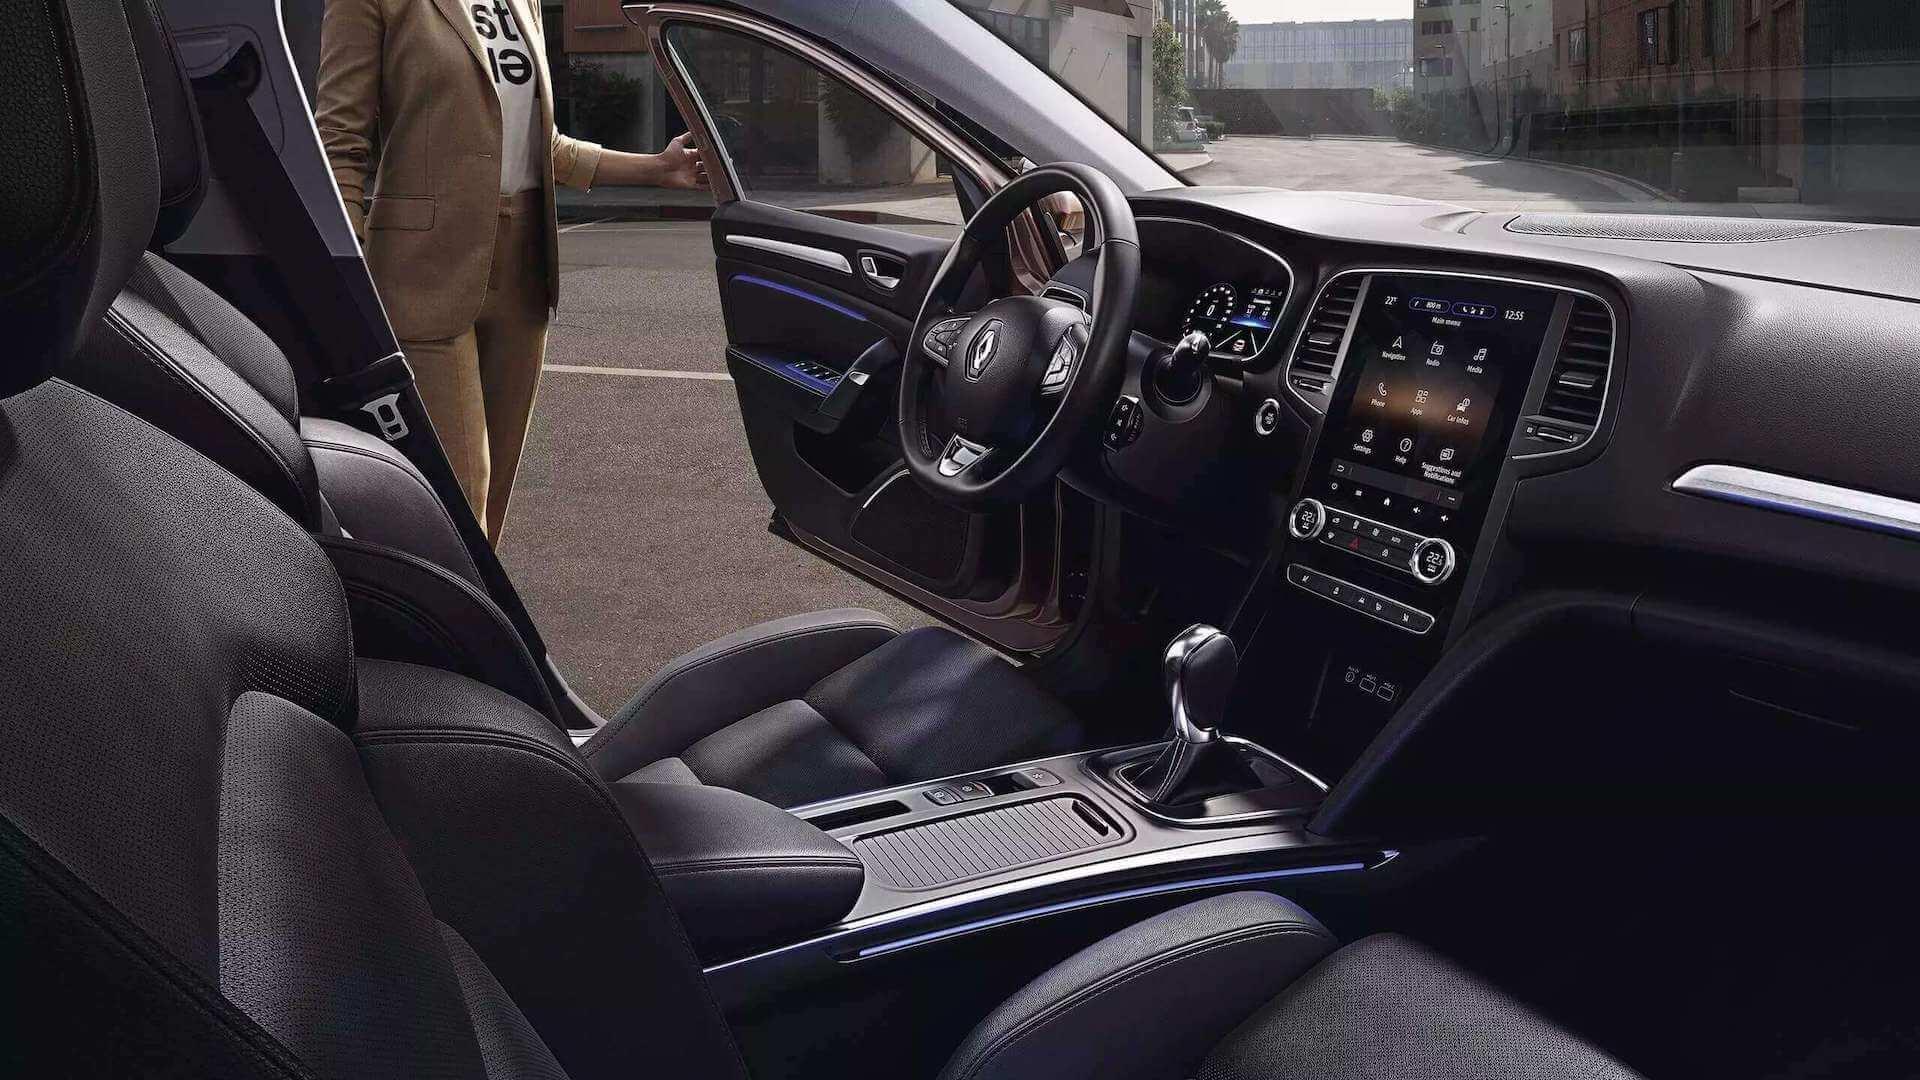 Cockpit - Auto von Innen - Frau steigt ins Auto - Renault Megane - Renault Ahrens Hannover